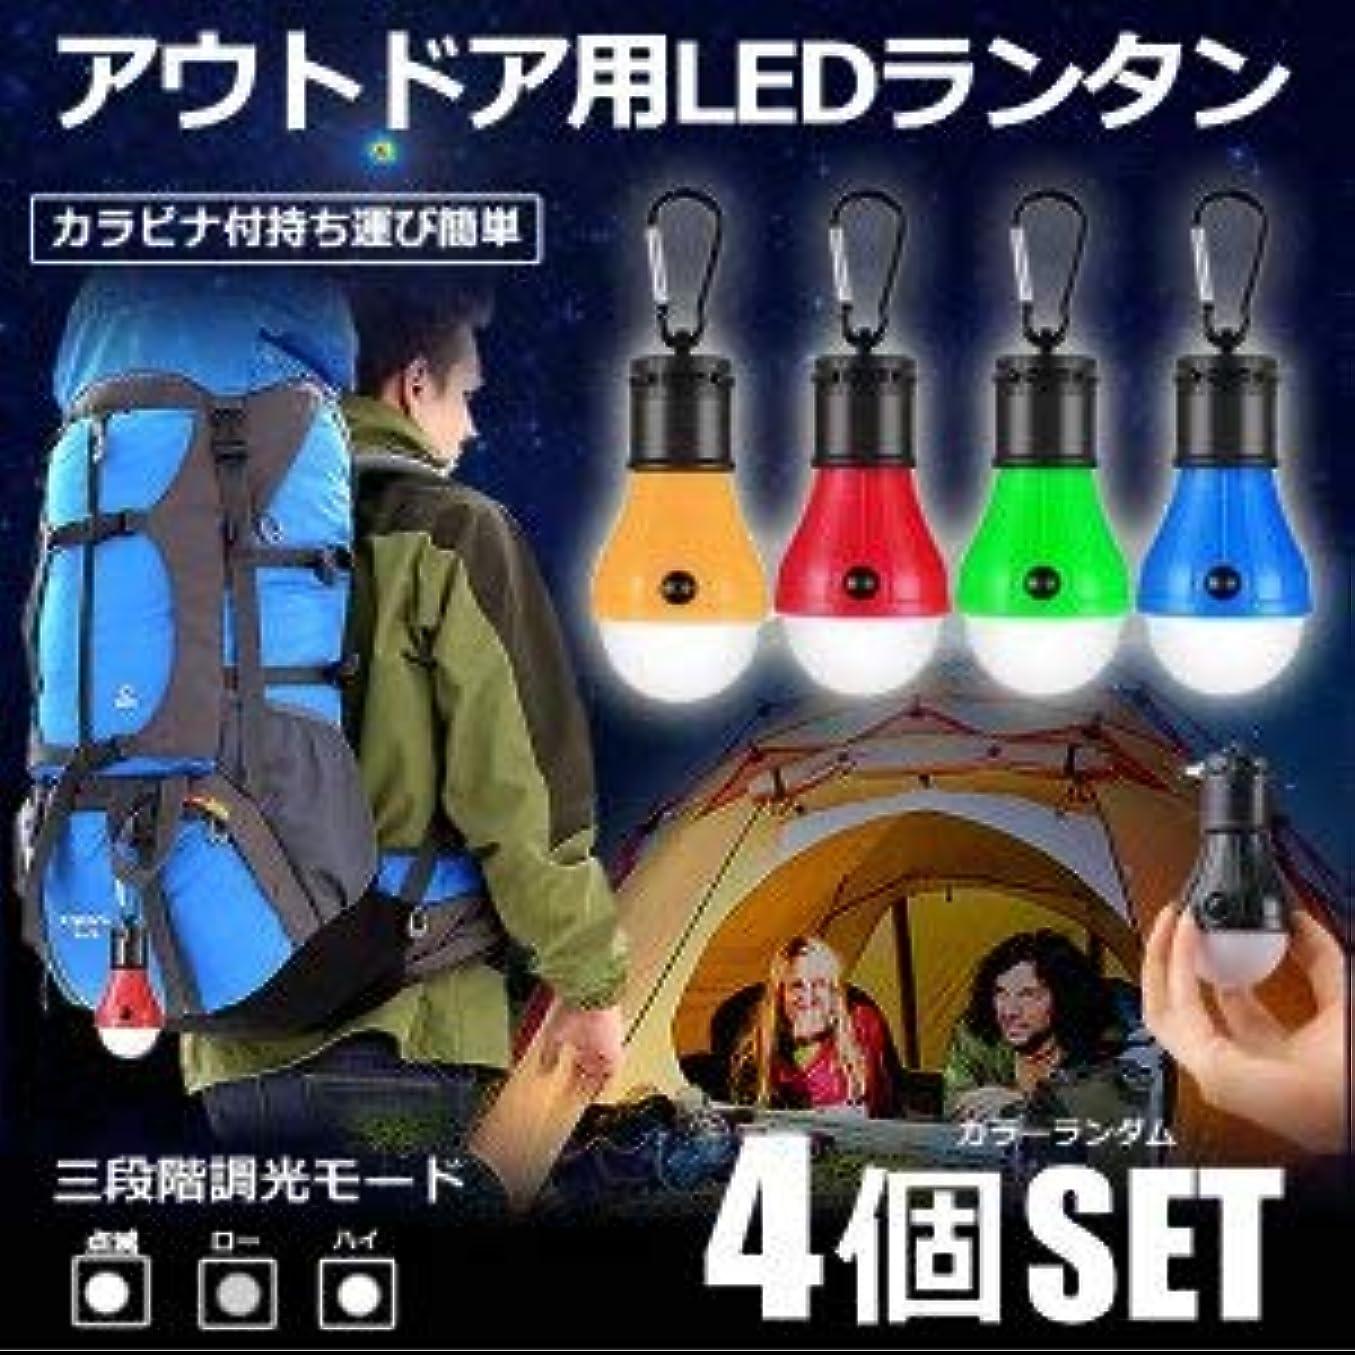 マーケティング耐える不承認LED ランタン 4個セット キャンプライト 電球型 アウトドア 吊り下げ キャンプ 防災 電池式 懐中電灯 携帯